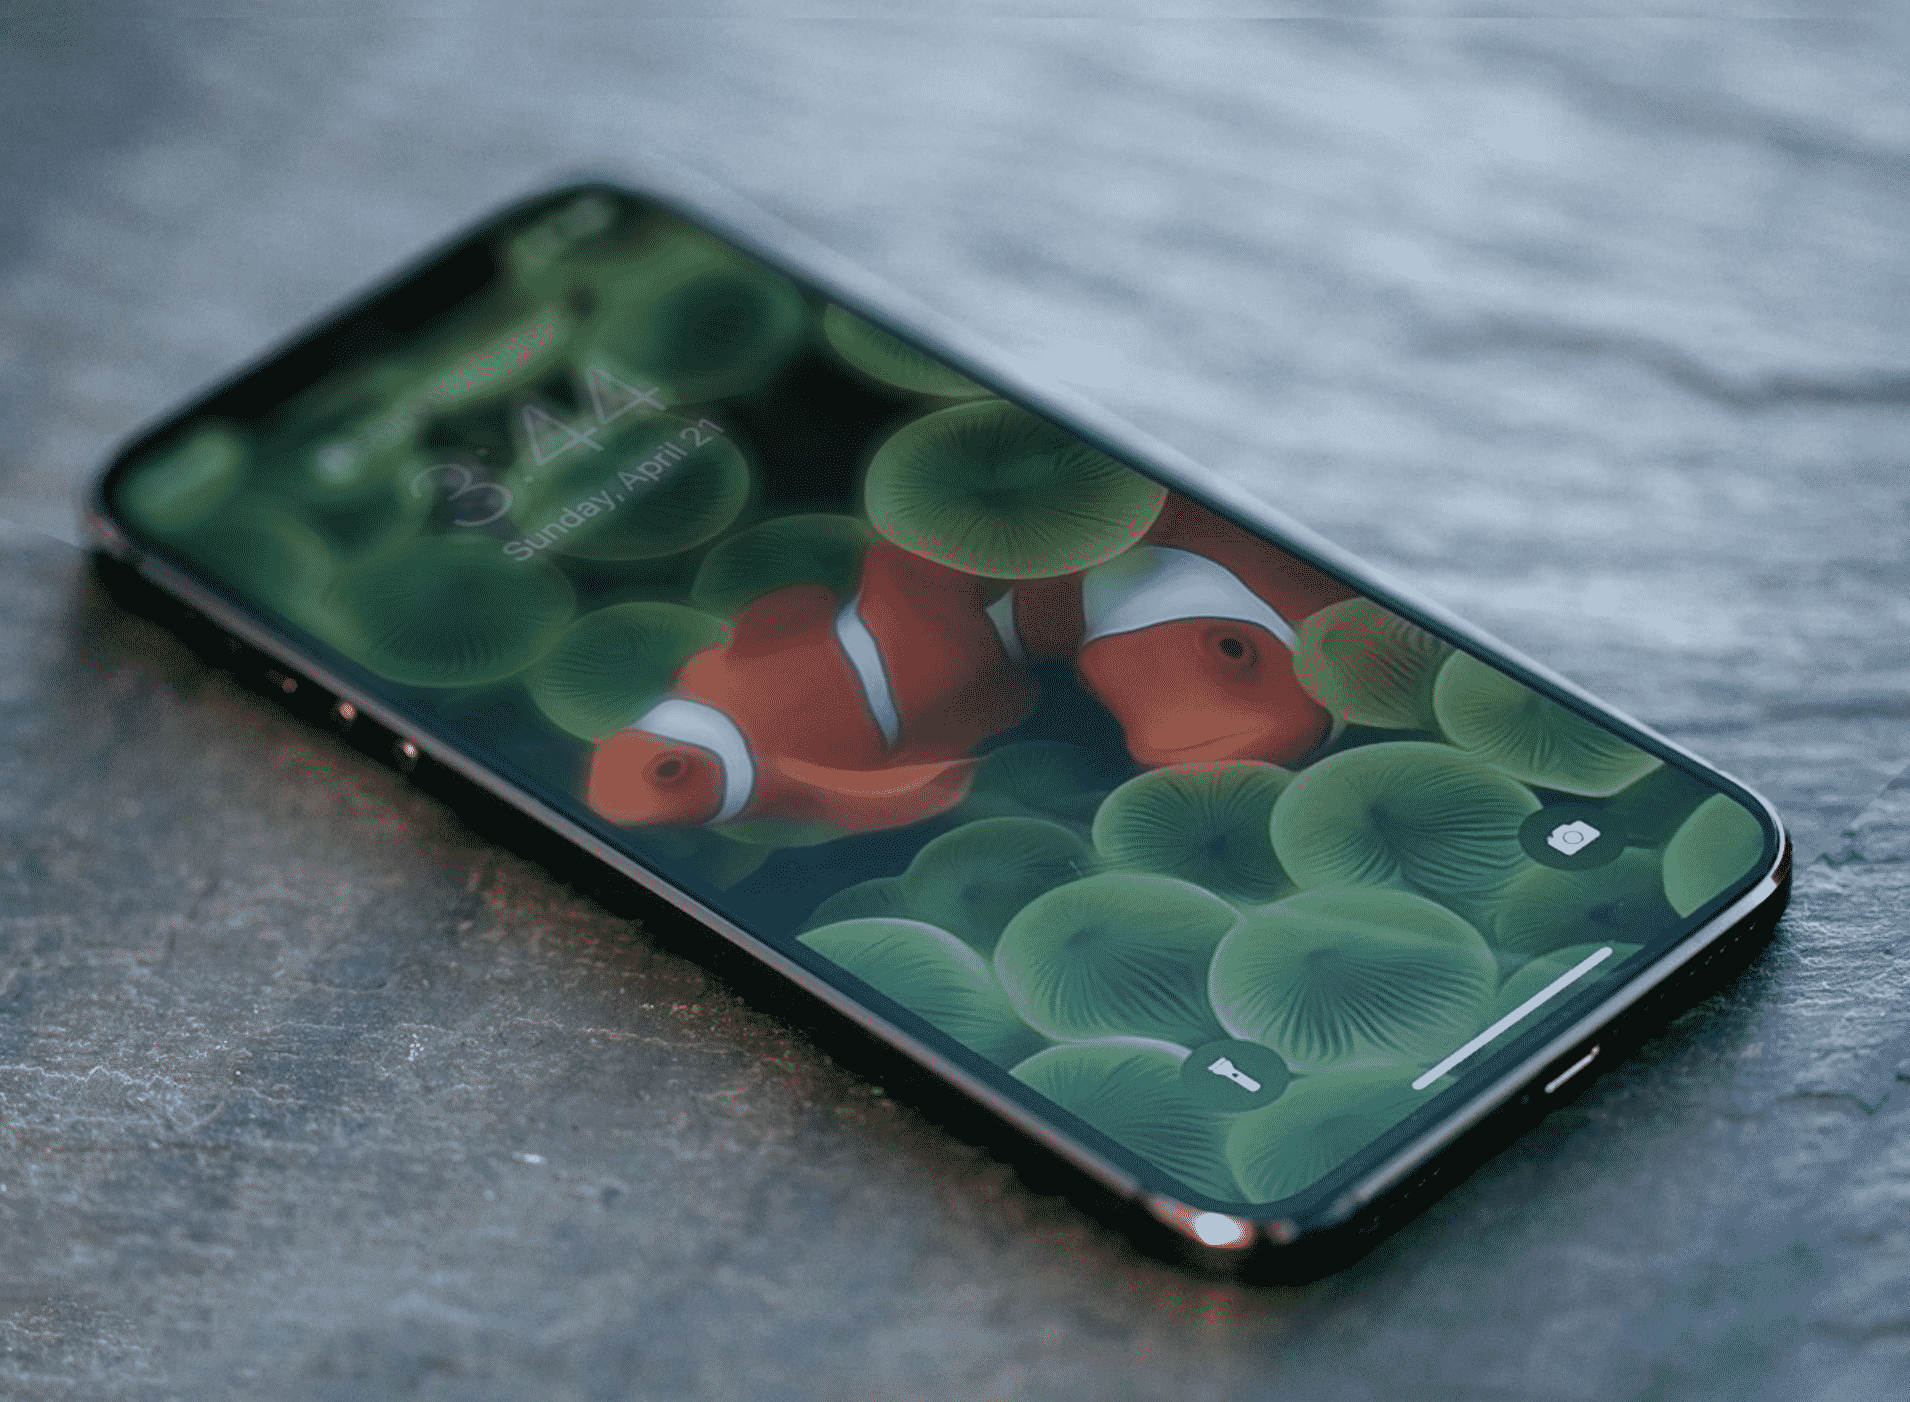 iPhone 12 Pro leak